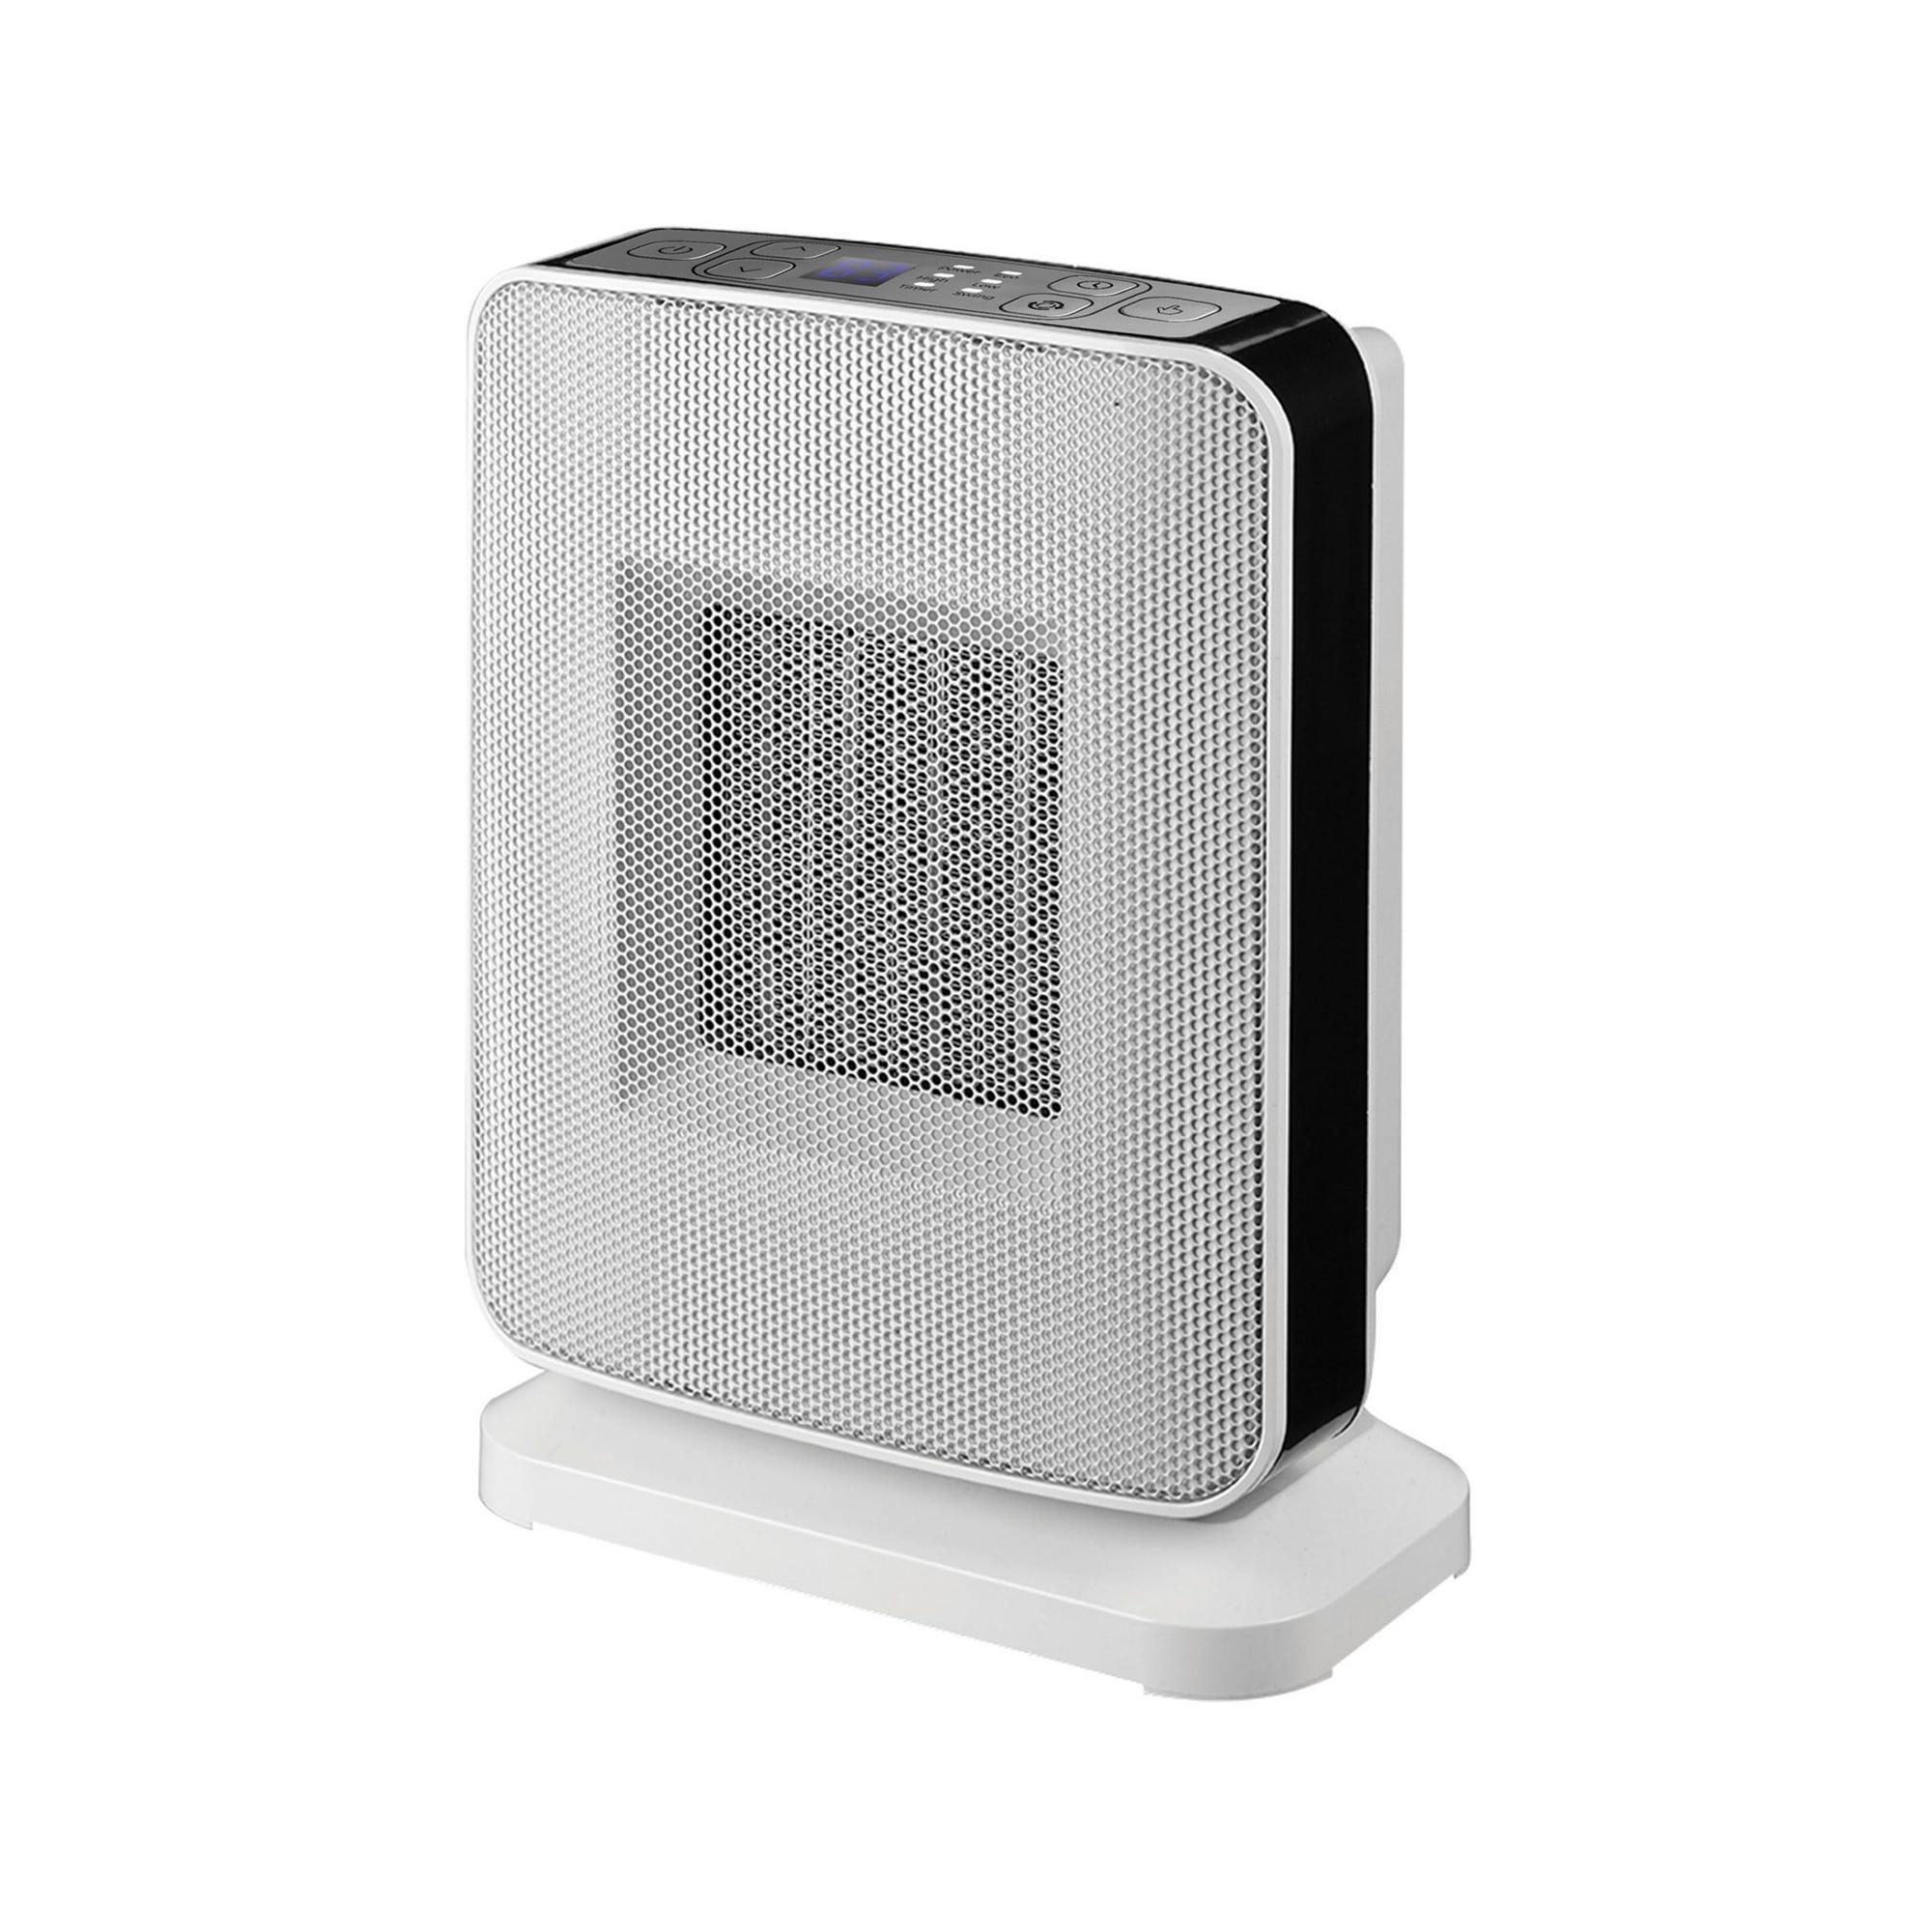 Calentador eléctrico portátil Sharpper Image